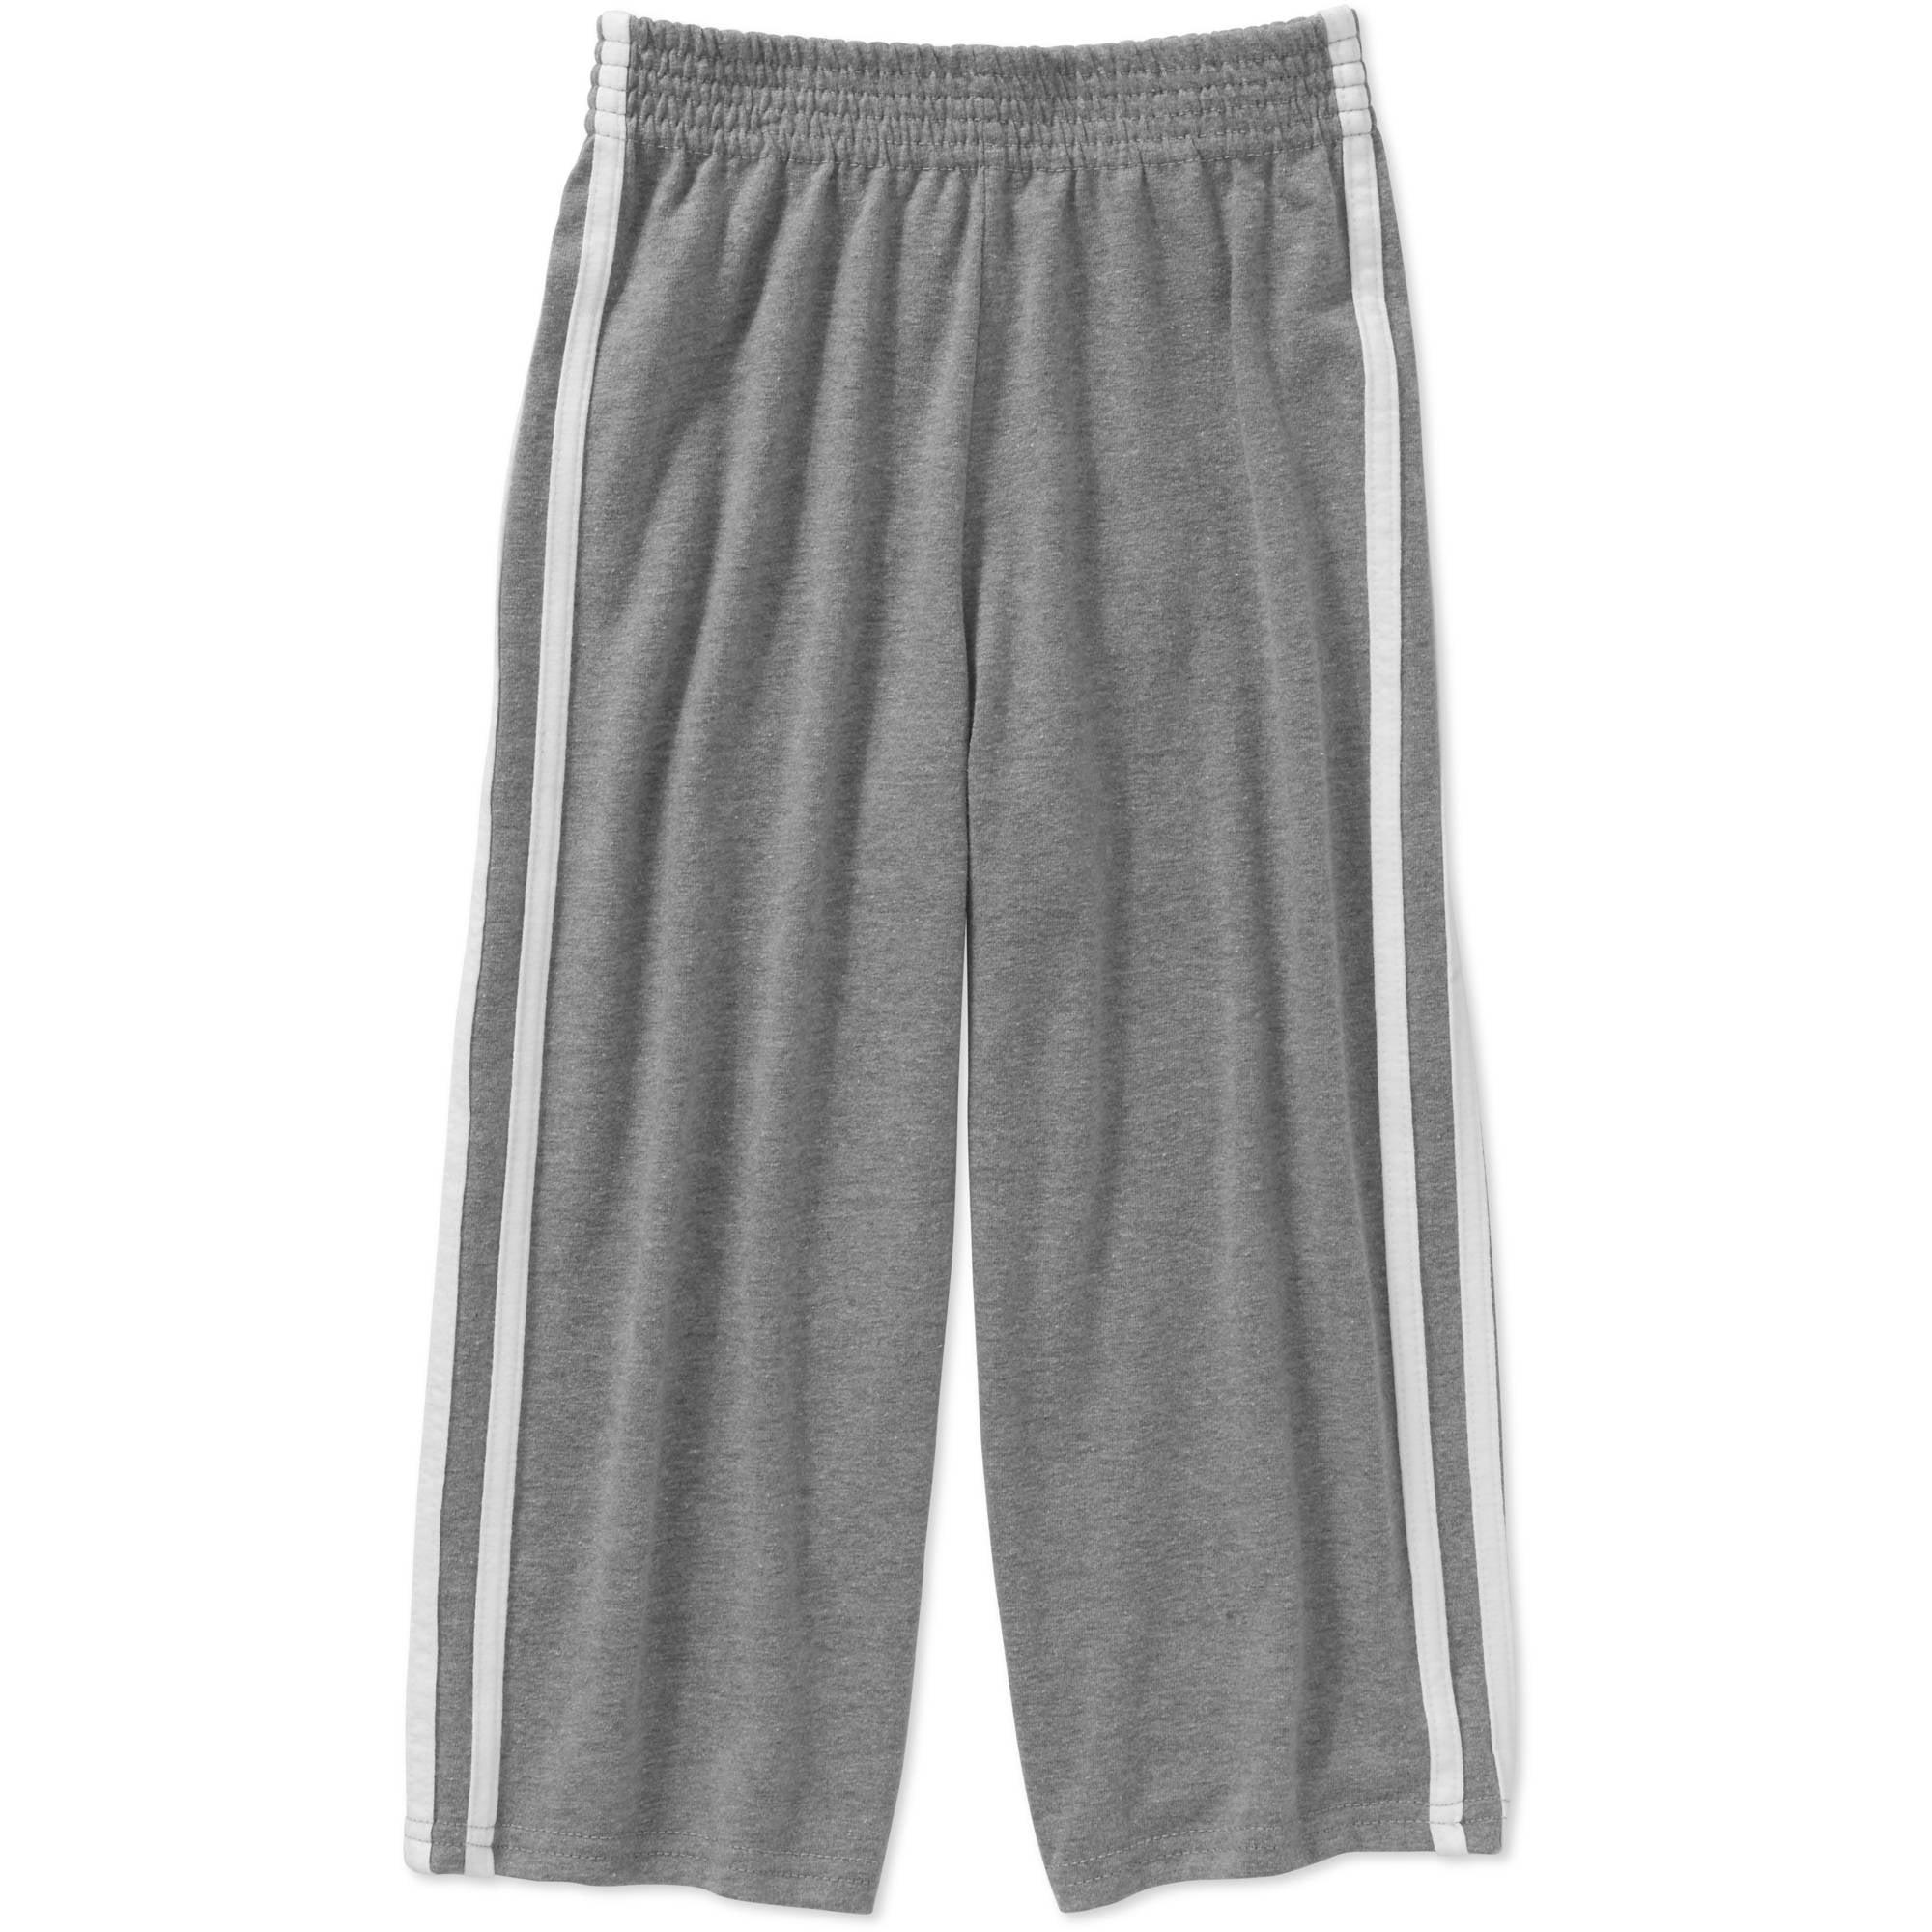 Garanimals Baby Toddler Boy Jersey Taped Pants